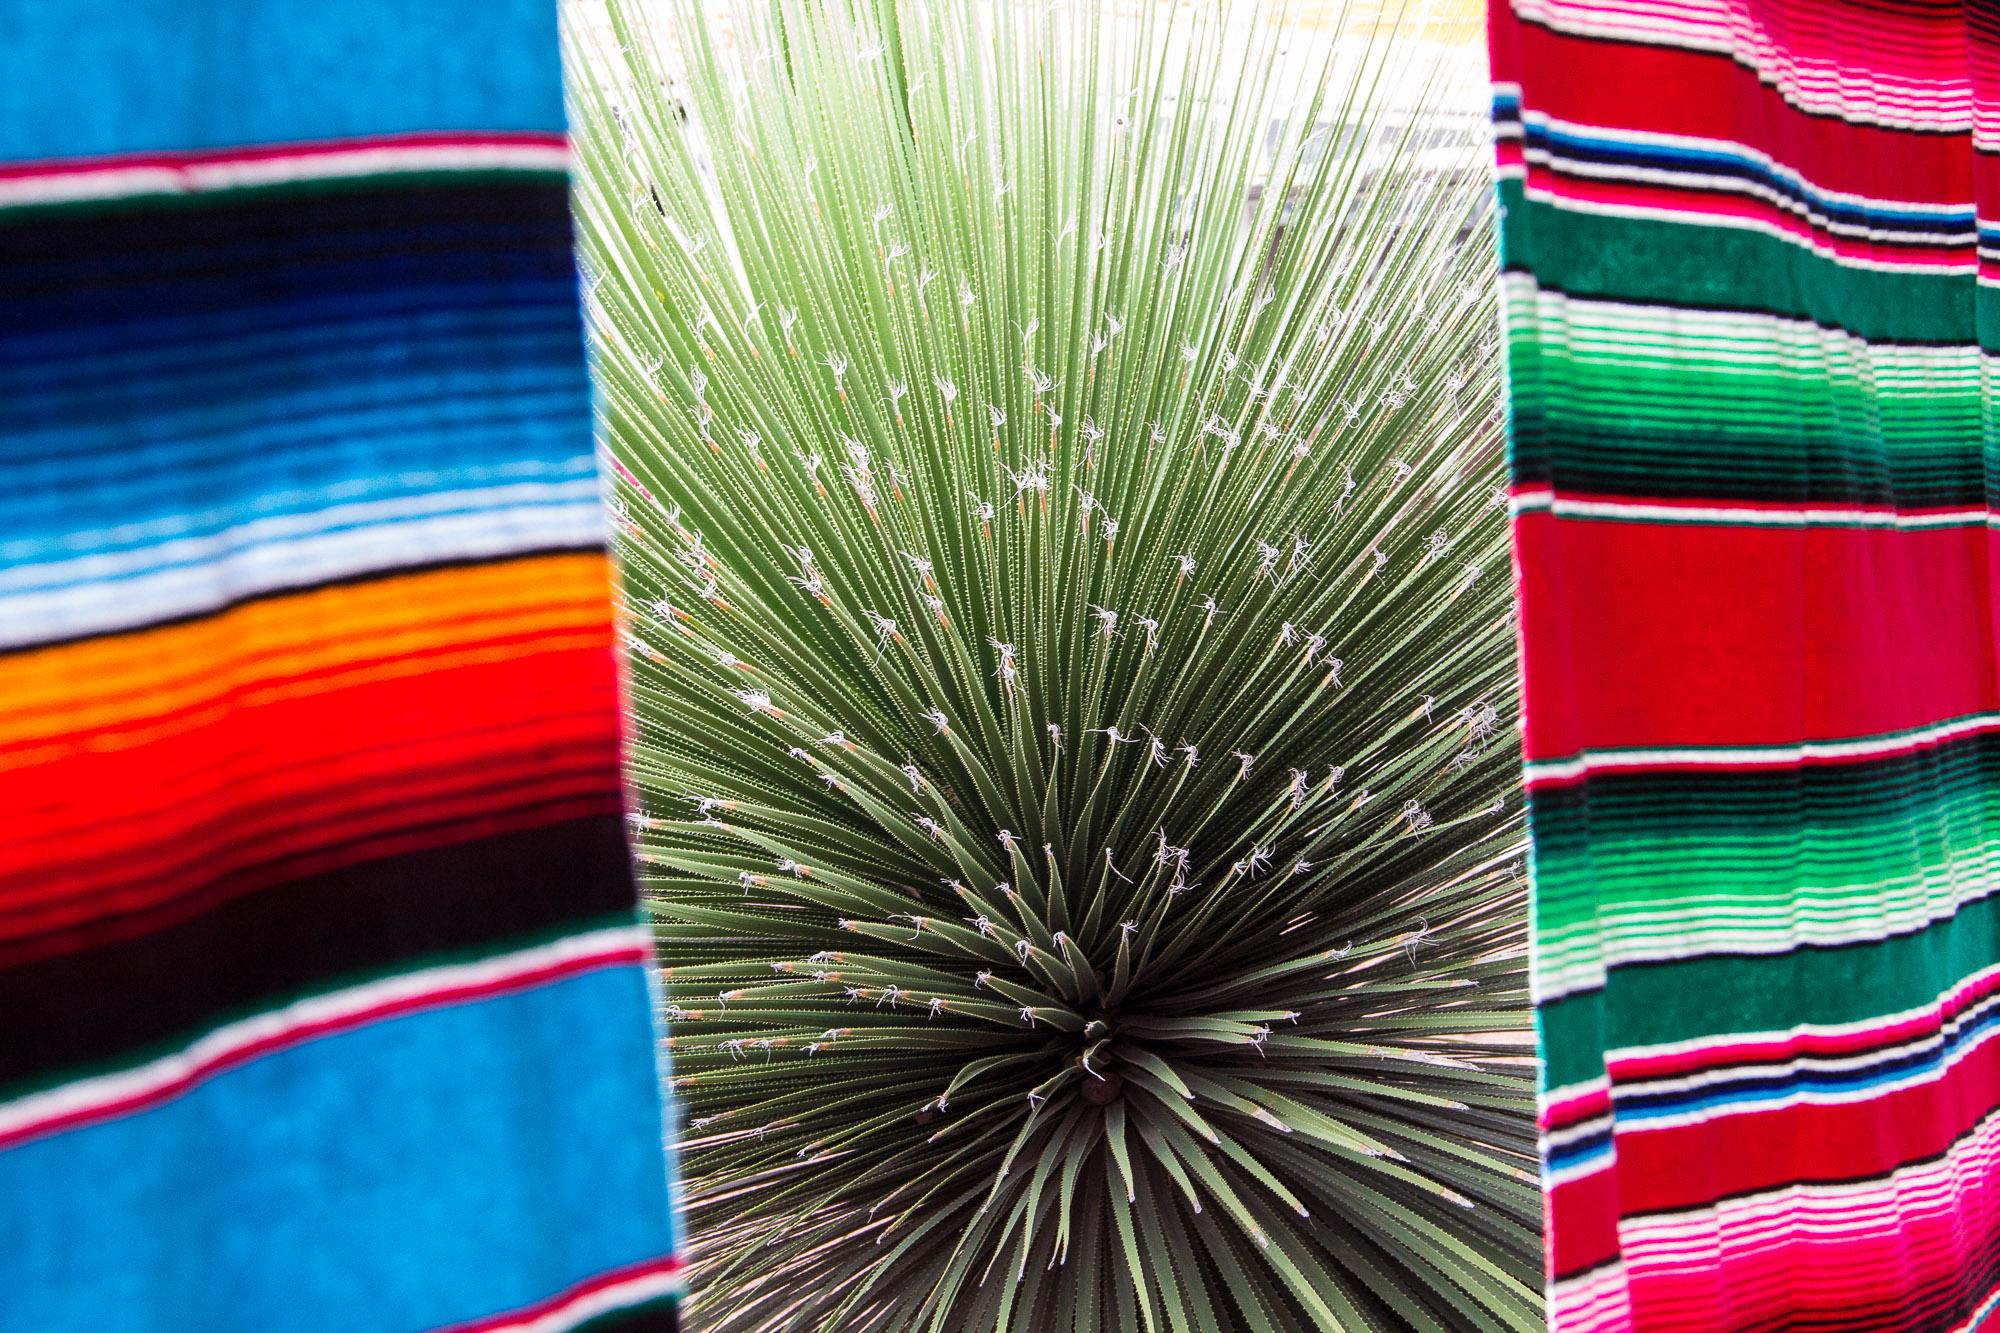 Artesanato têxtil e o cacto chamado agave, de onde são retiradas fibras, além de ser produzida a tequila e o mezcal